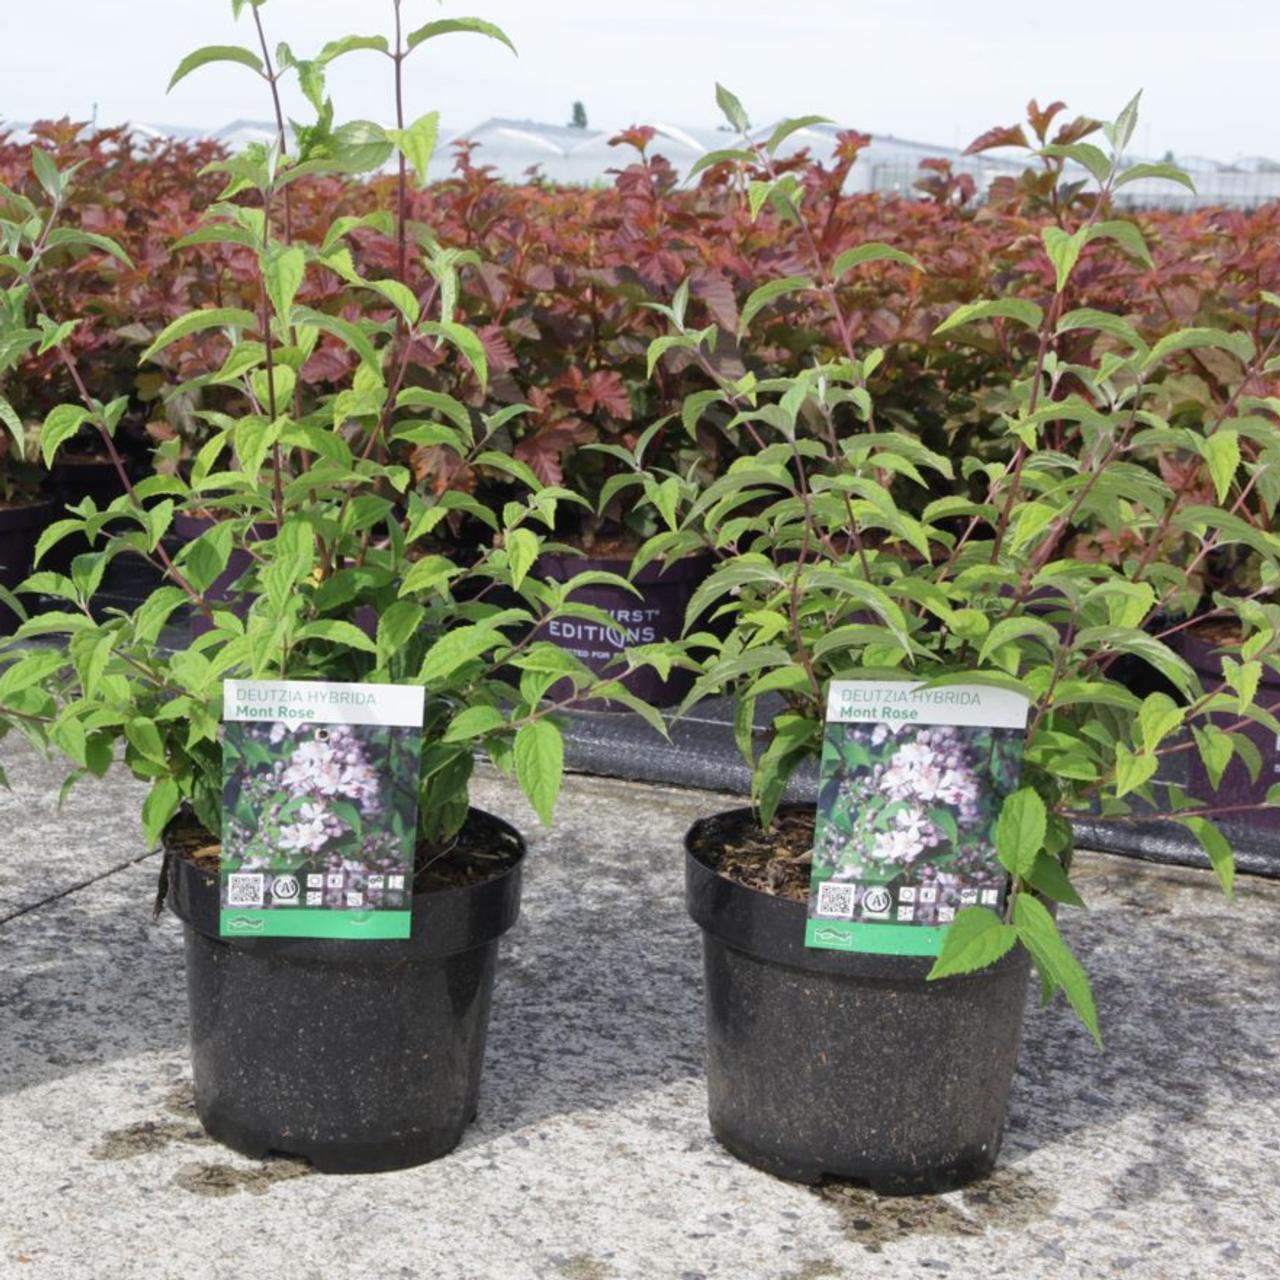 Deutzia hybrida 'Mont Rose' plant